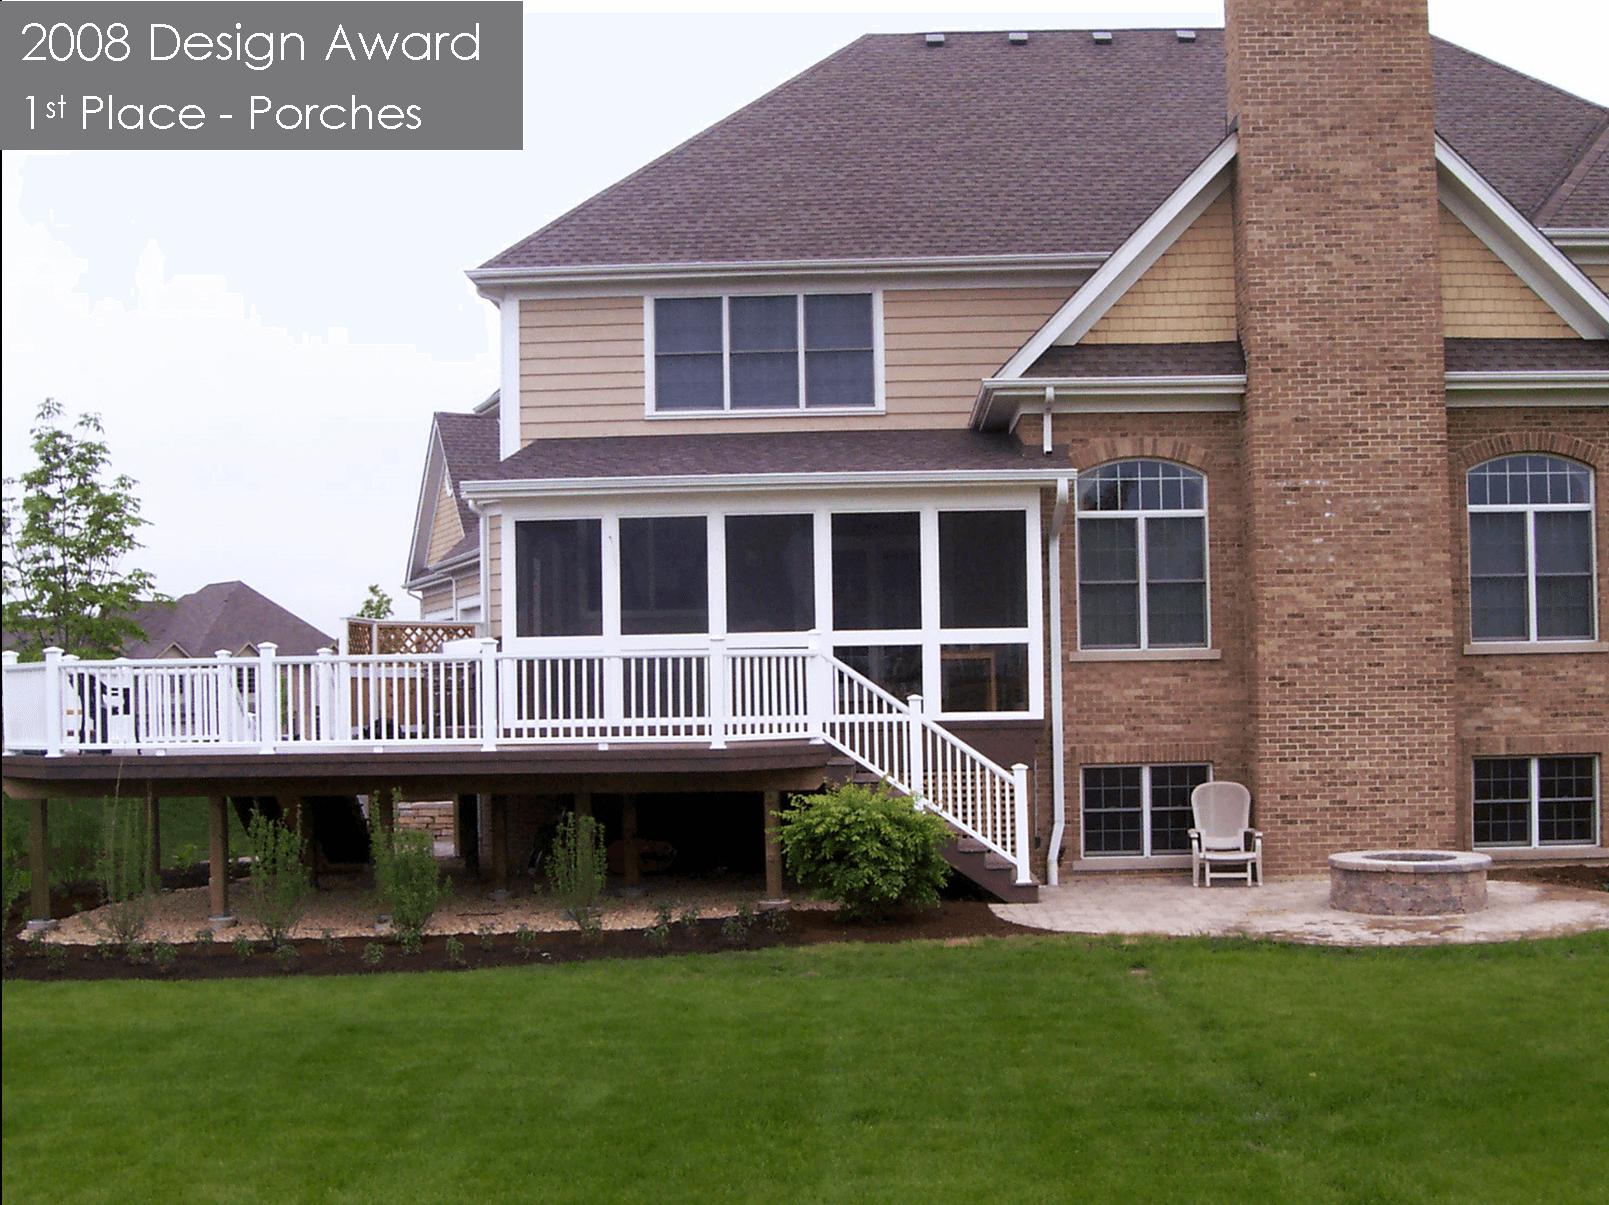 2008 award for porch design